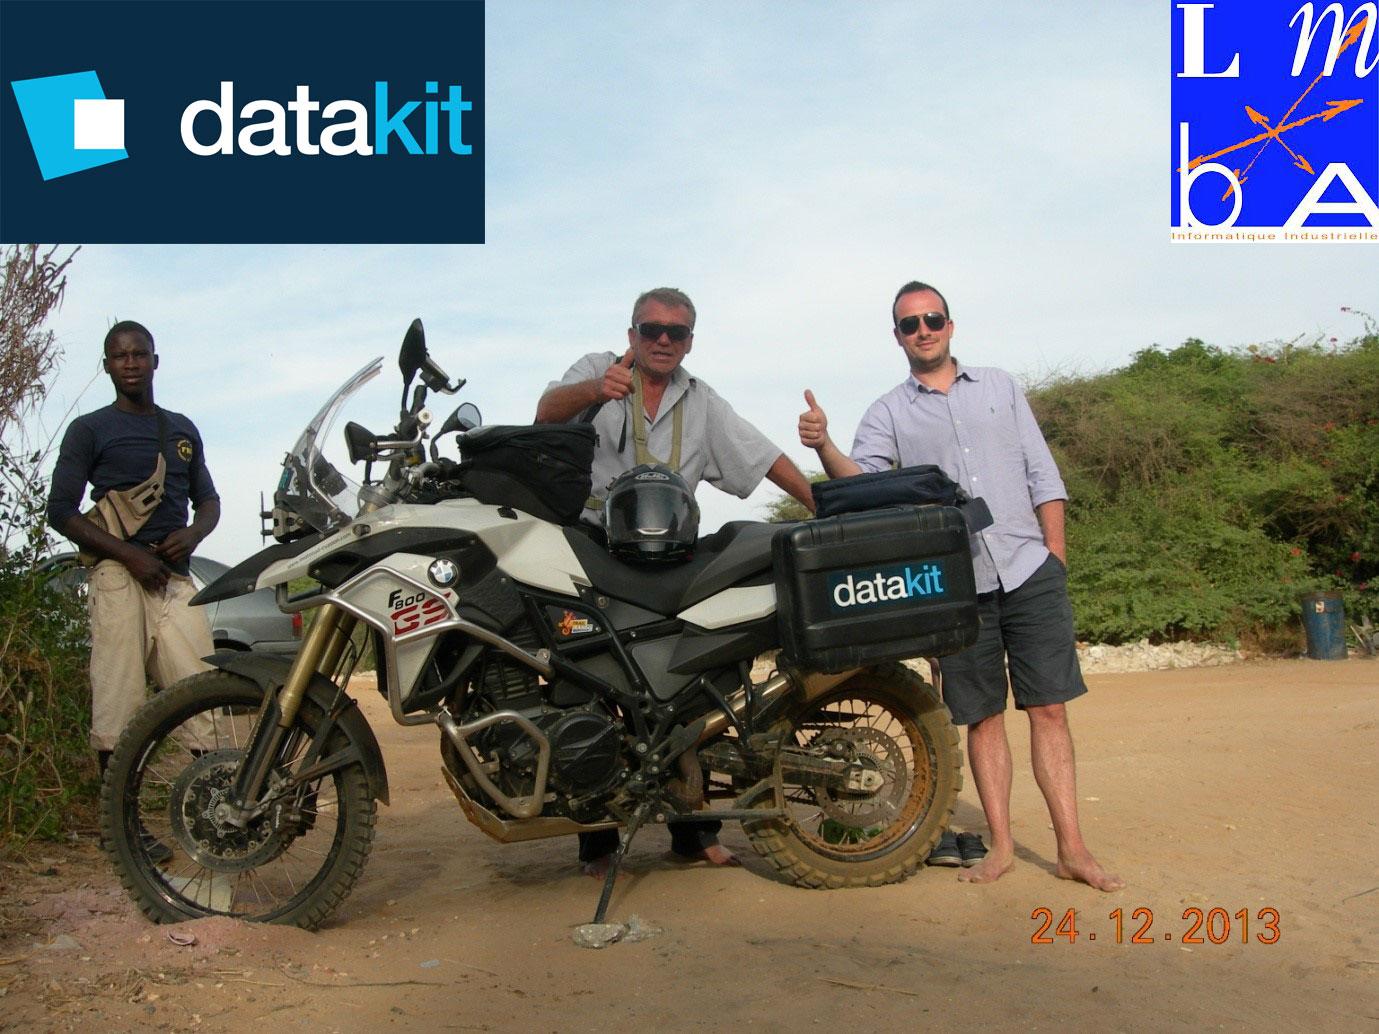 Datakit rencontre LMBA pour leur fournir des convertisseurs CAO